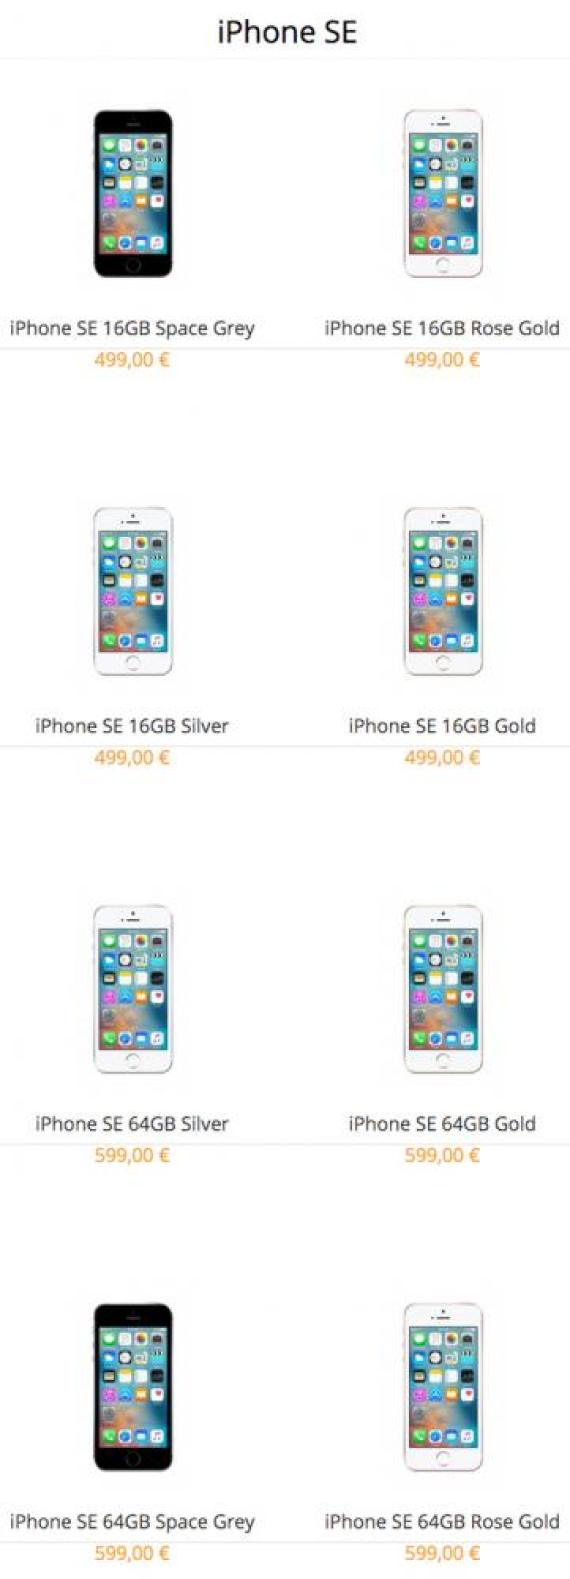 iPhone SE timi ellada 499 euro